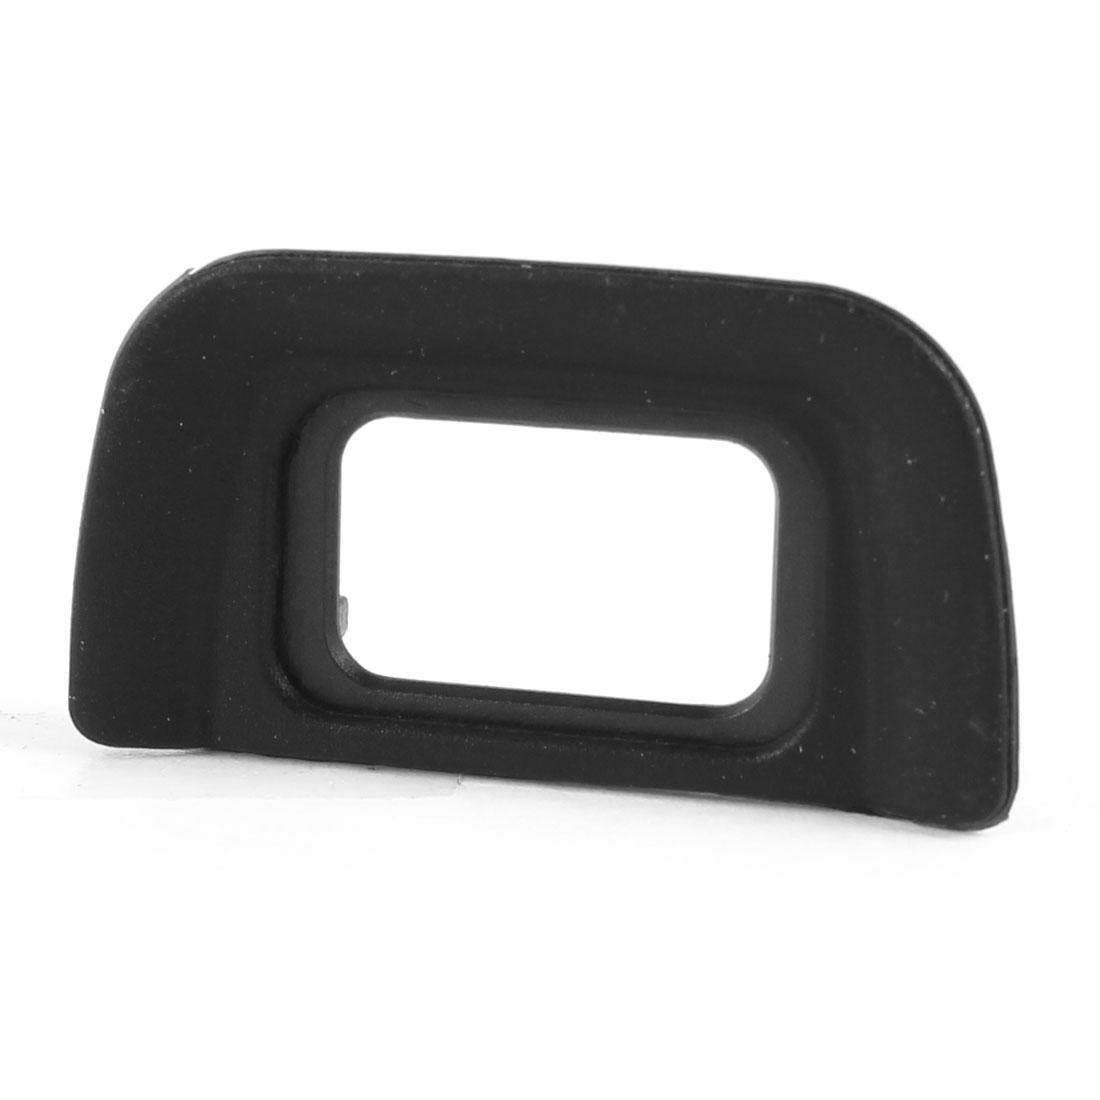 DK-20 Black Rubber Eyepiece Eyecup Eg for DSLR Camera